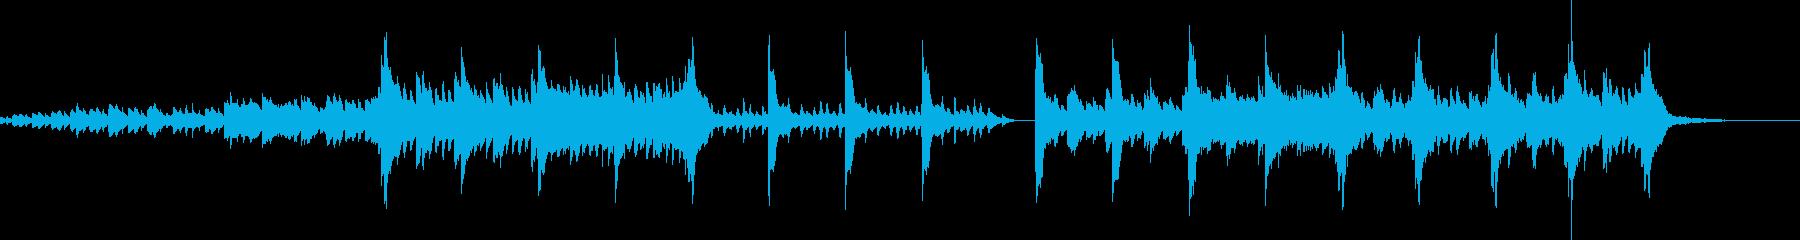 チェレスタとピアノの悲しい物語の再生済みの波形